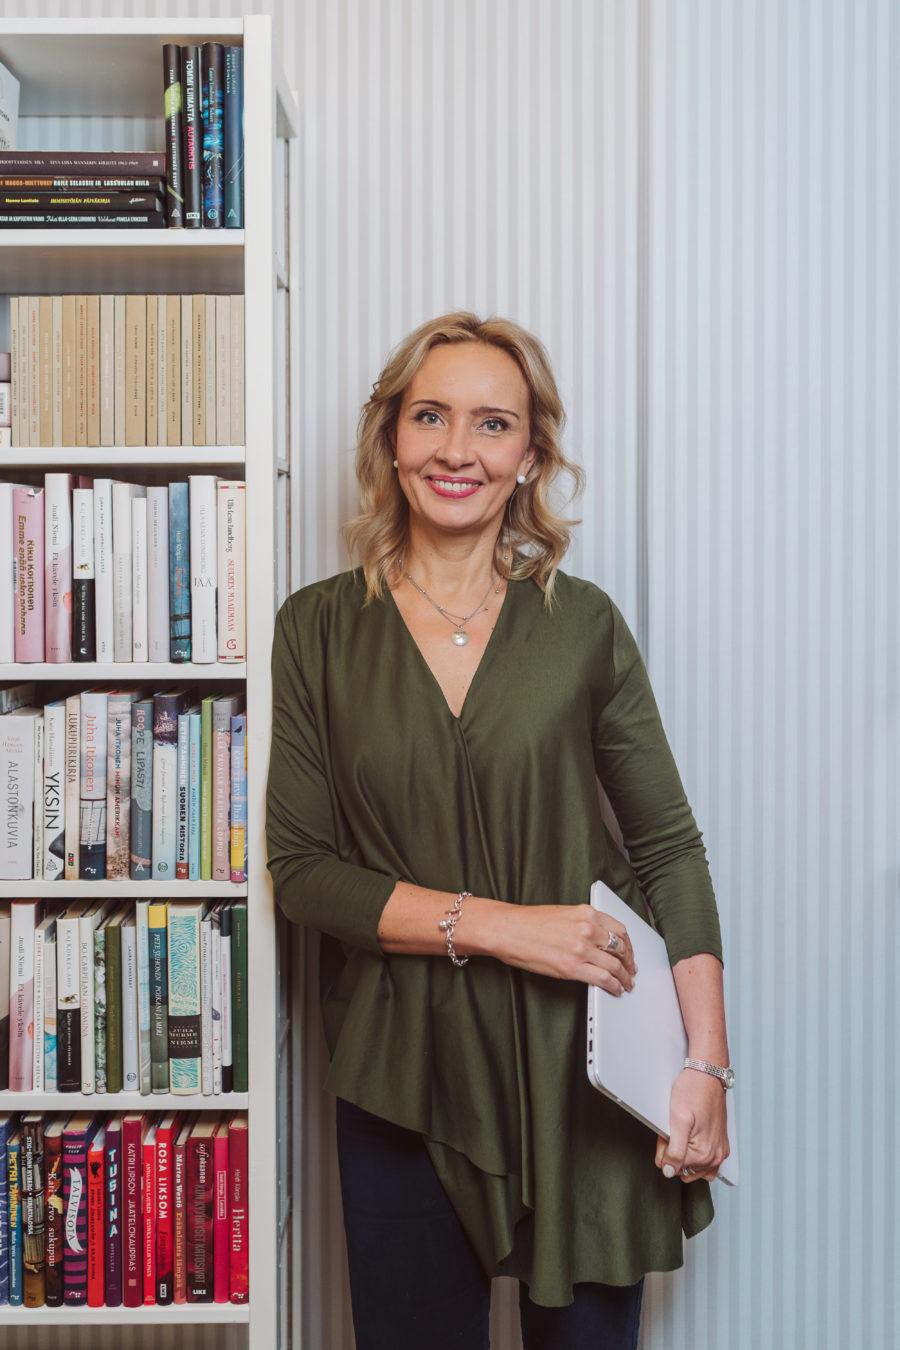 Kuvassa toiminnanjohtaja Ilmi Villacís nojaa kirjahyllyyn